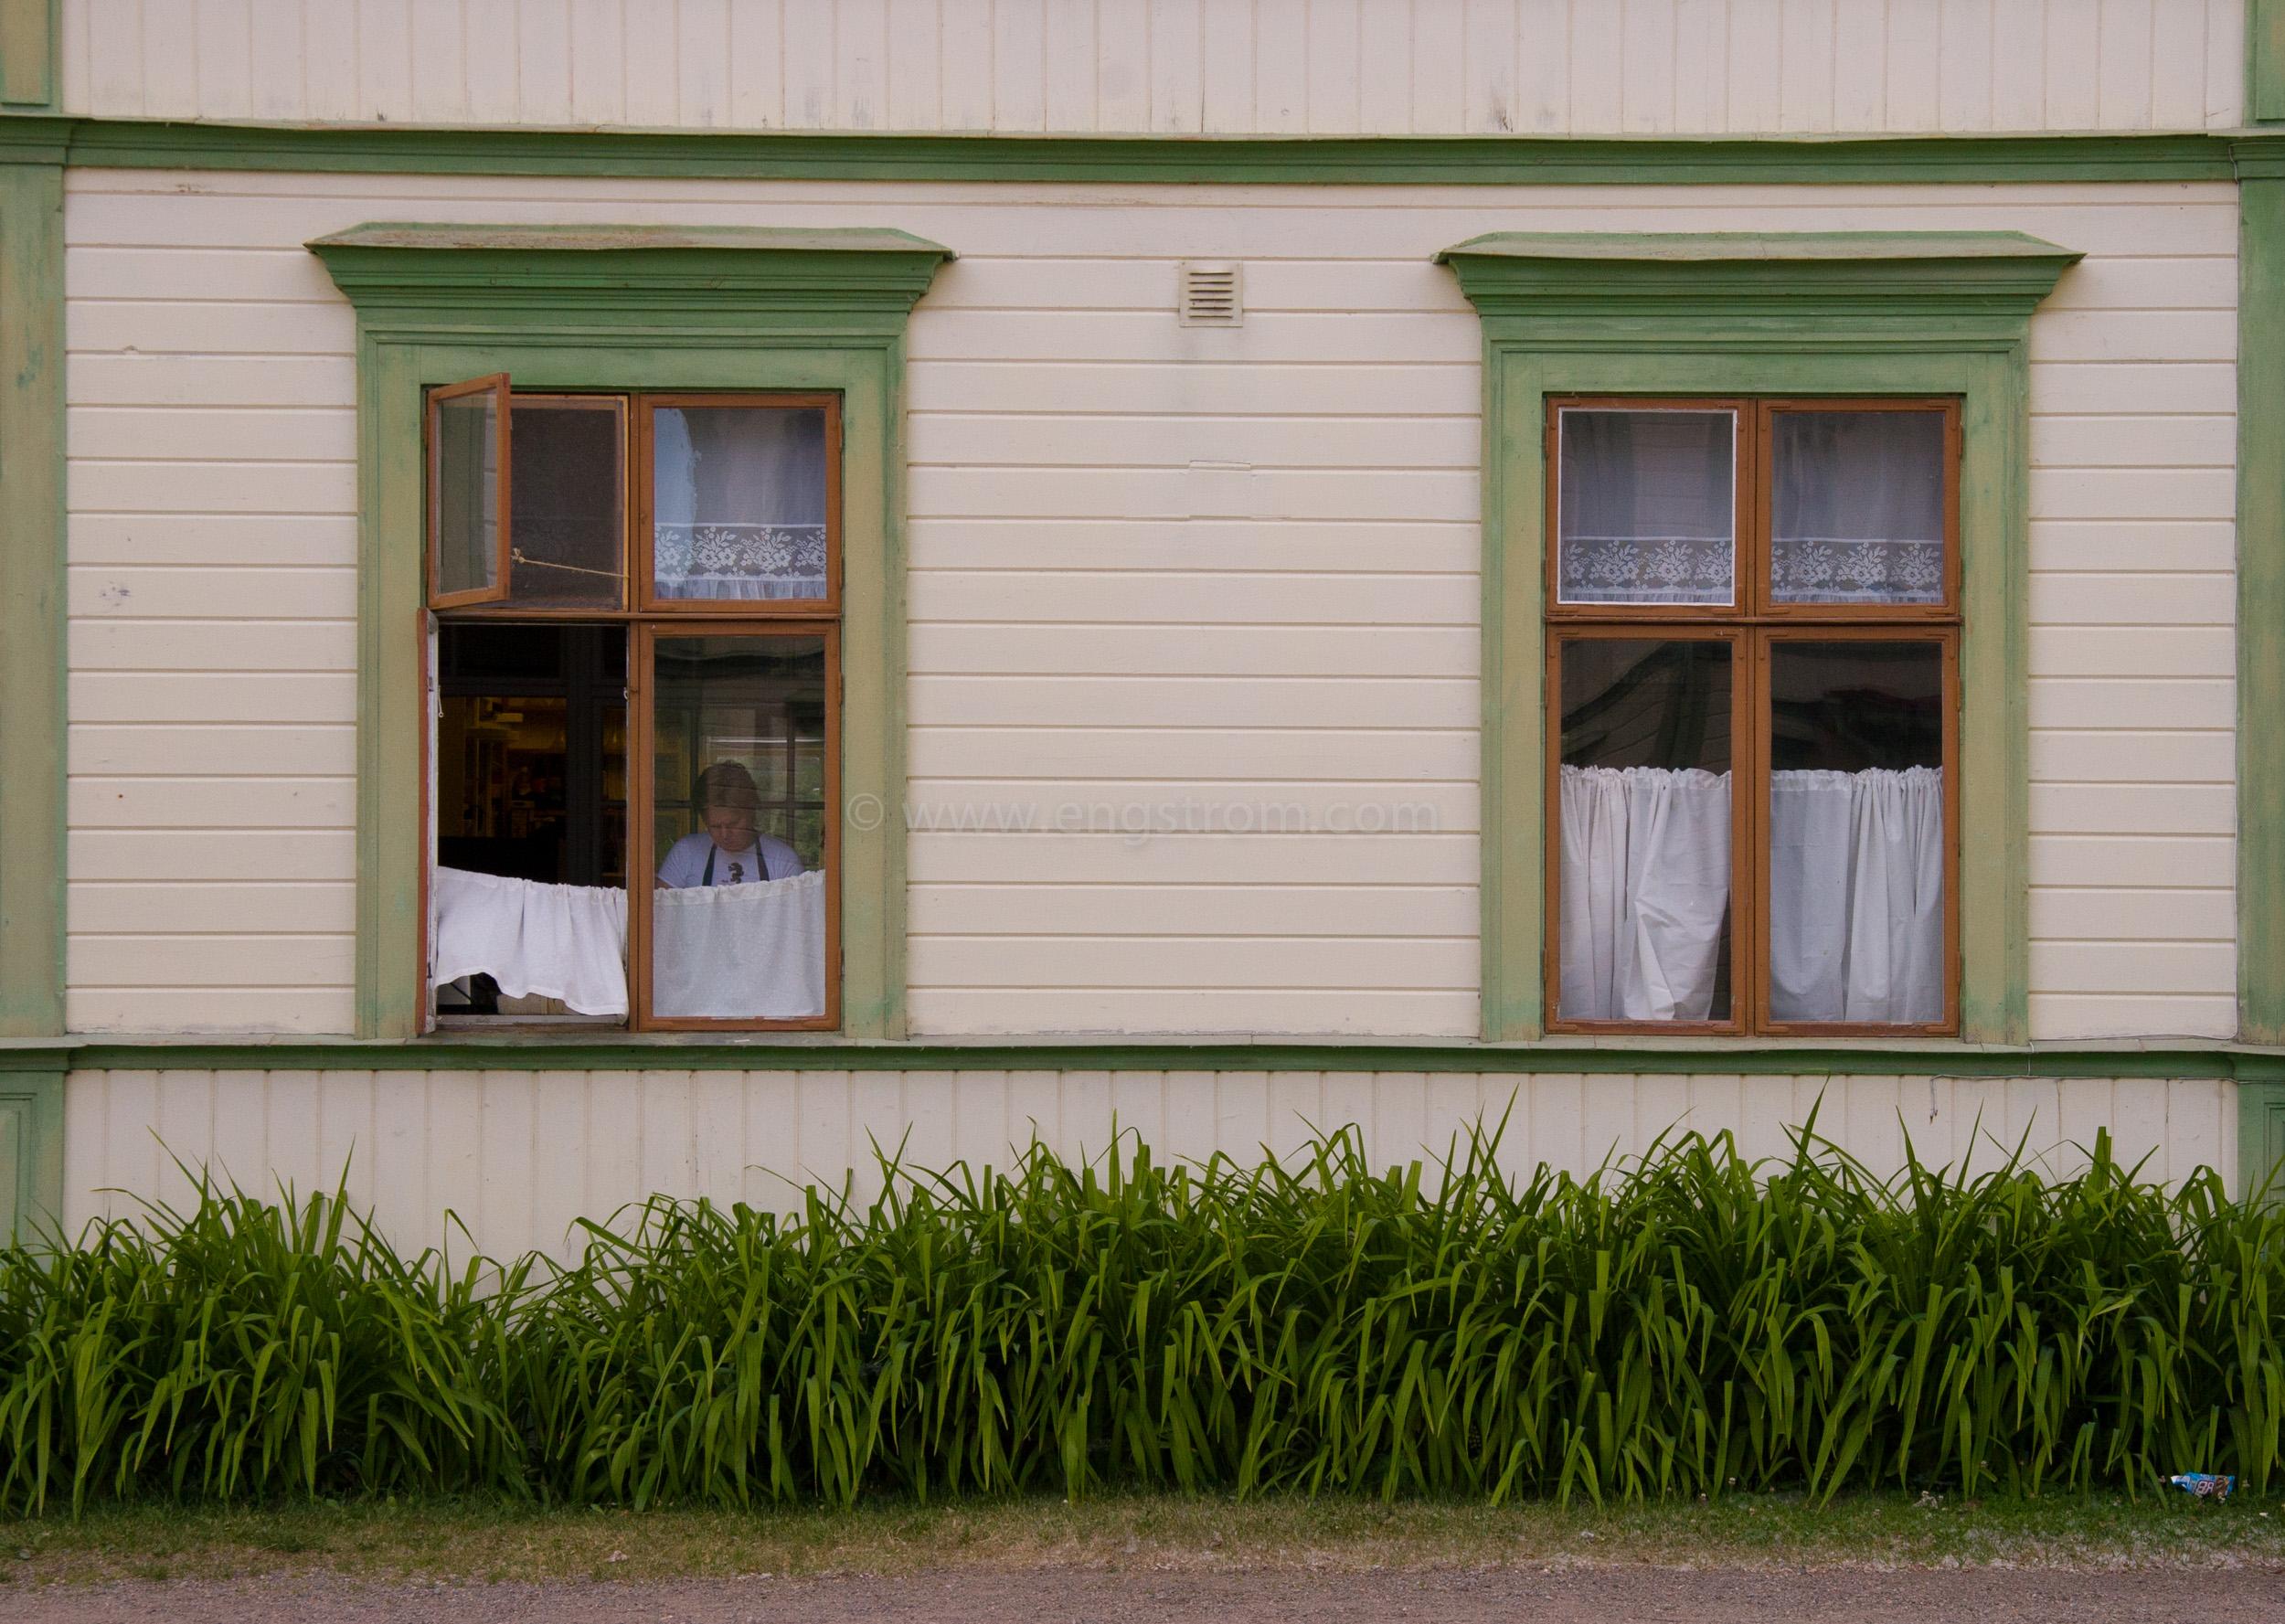 JE_11552, Trähus med gröna knutar, Järvsö, Jonas Engström